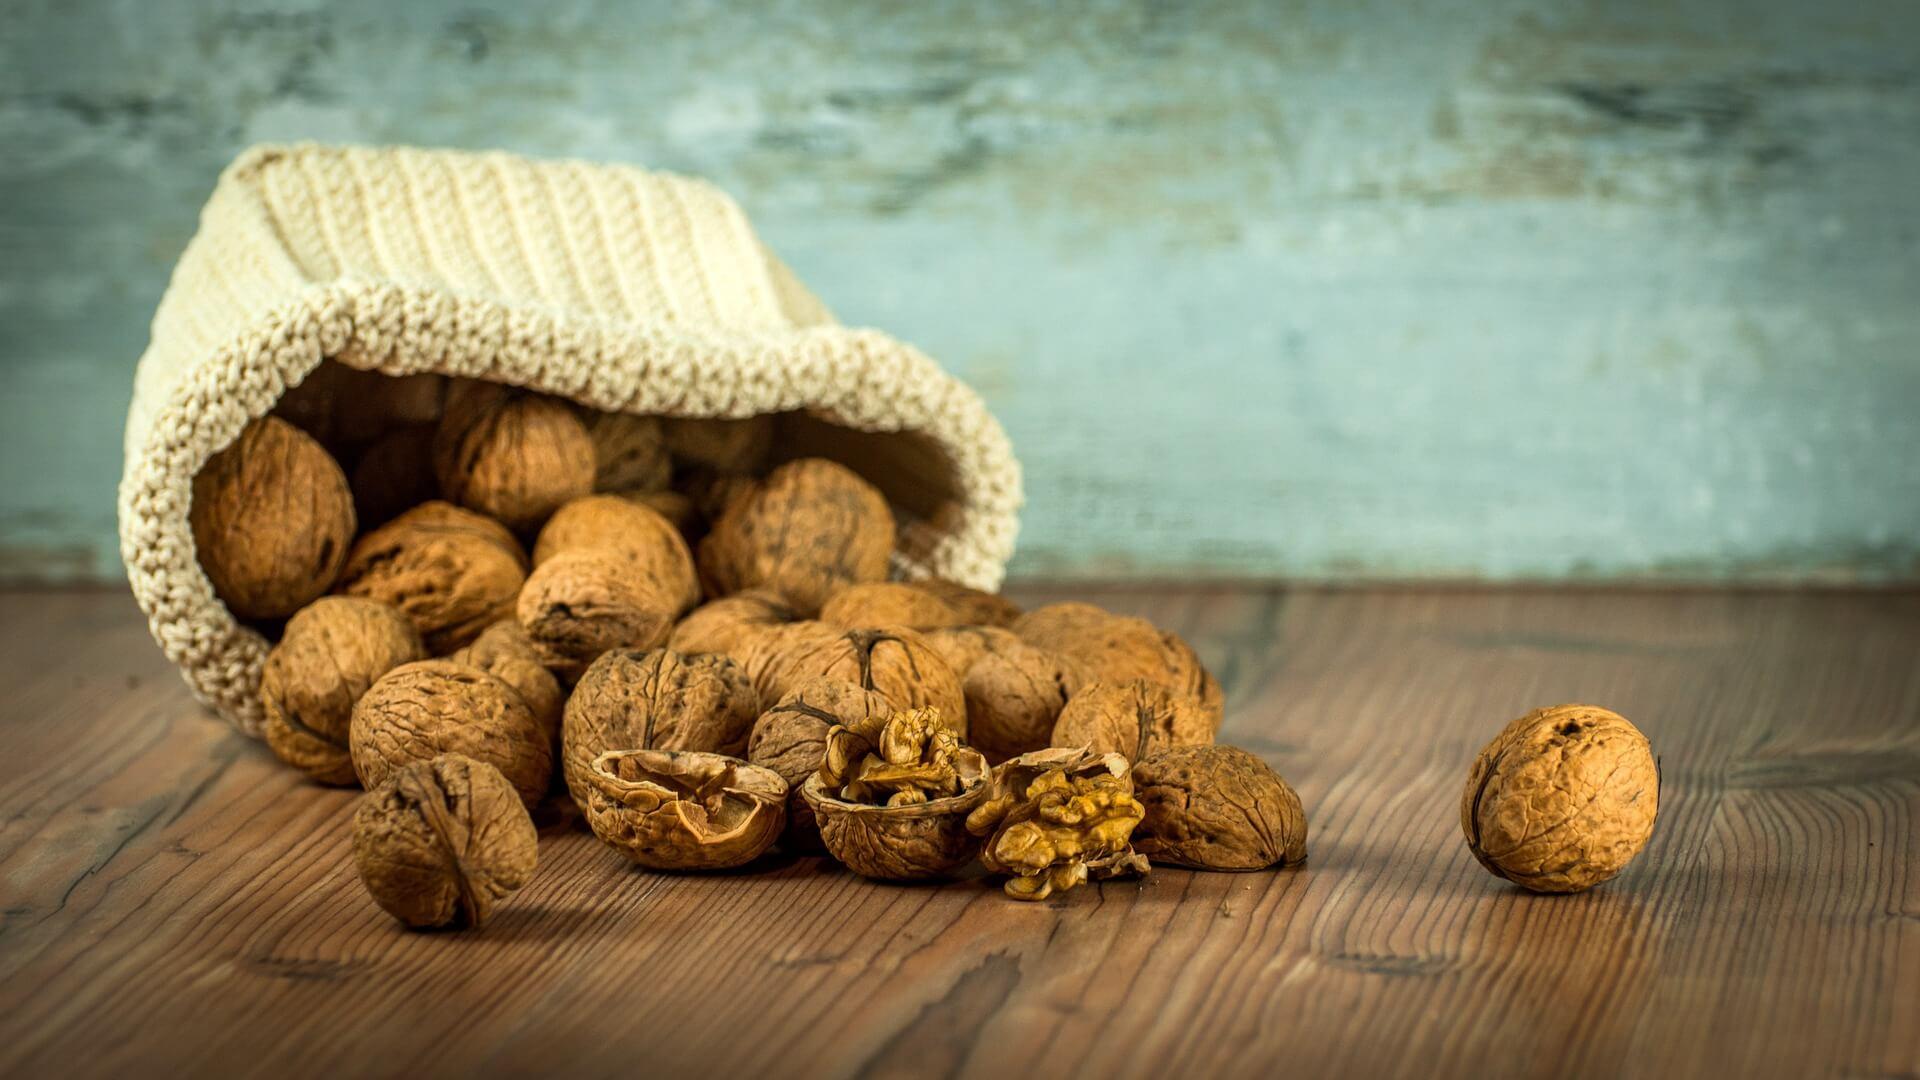 Les noix contre la nervosité